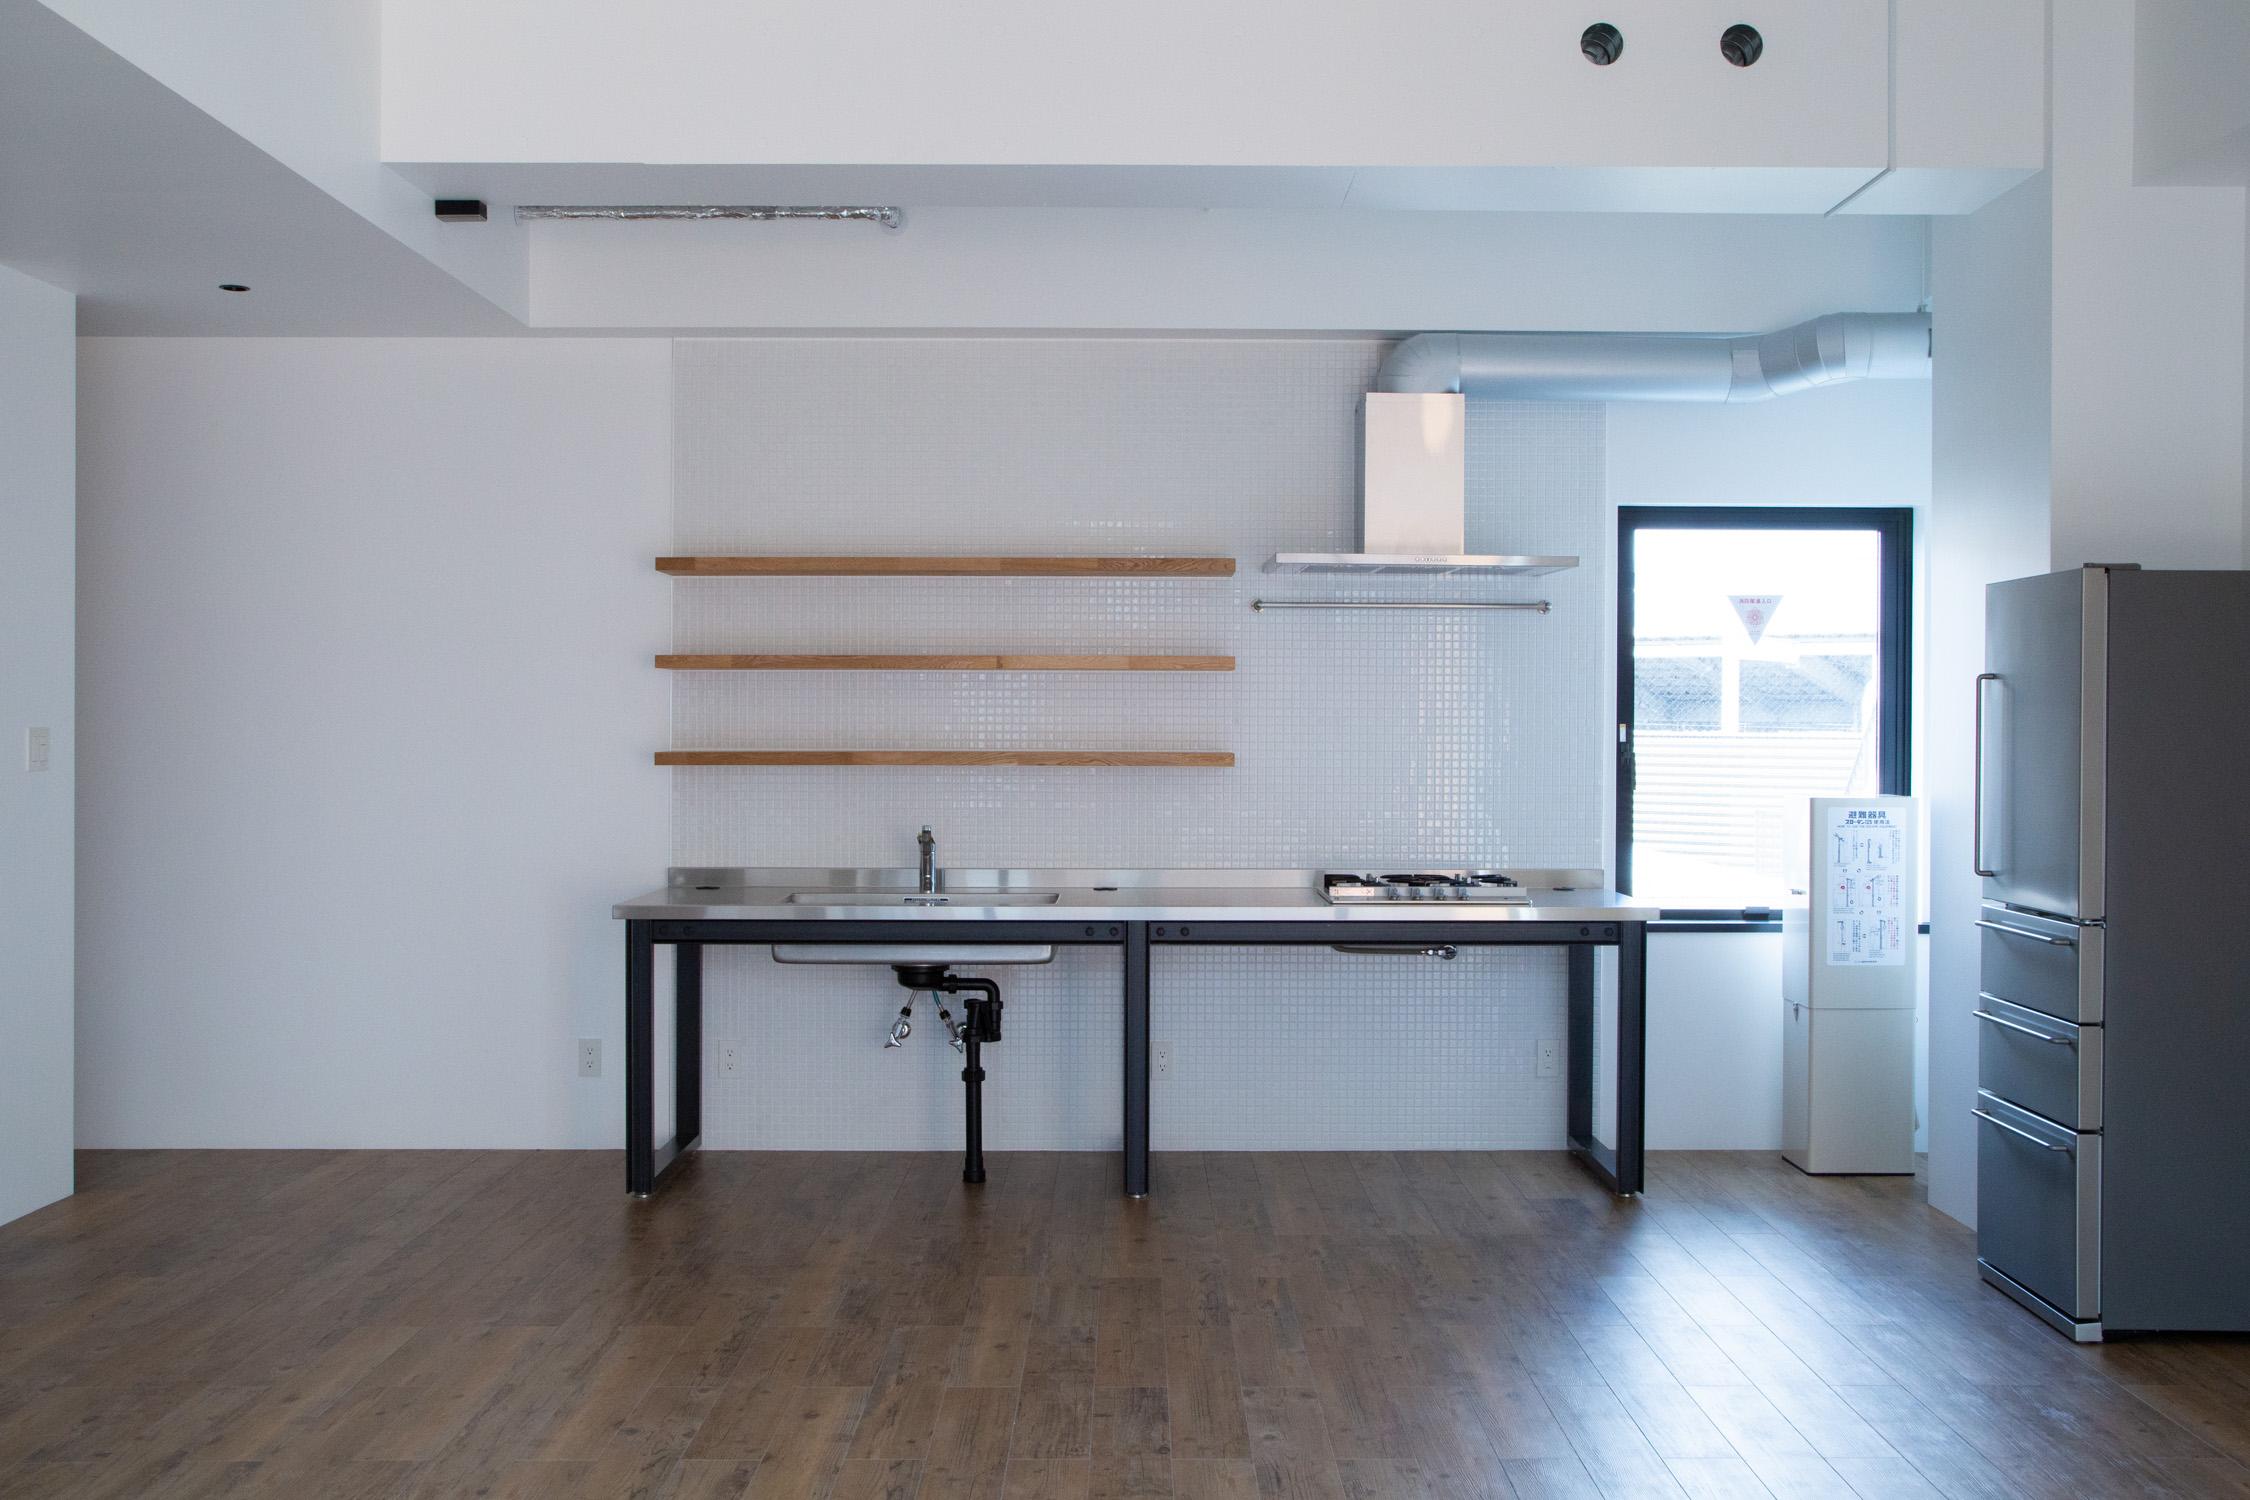 SPACE P - ライフスタイルをテーマにキッチンとバスルーム、リビングルームを完備